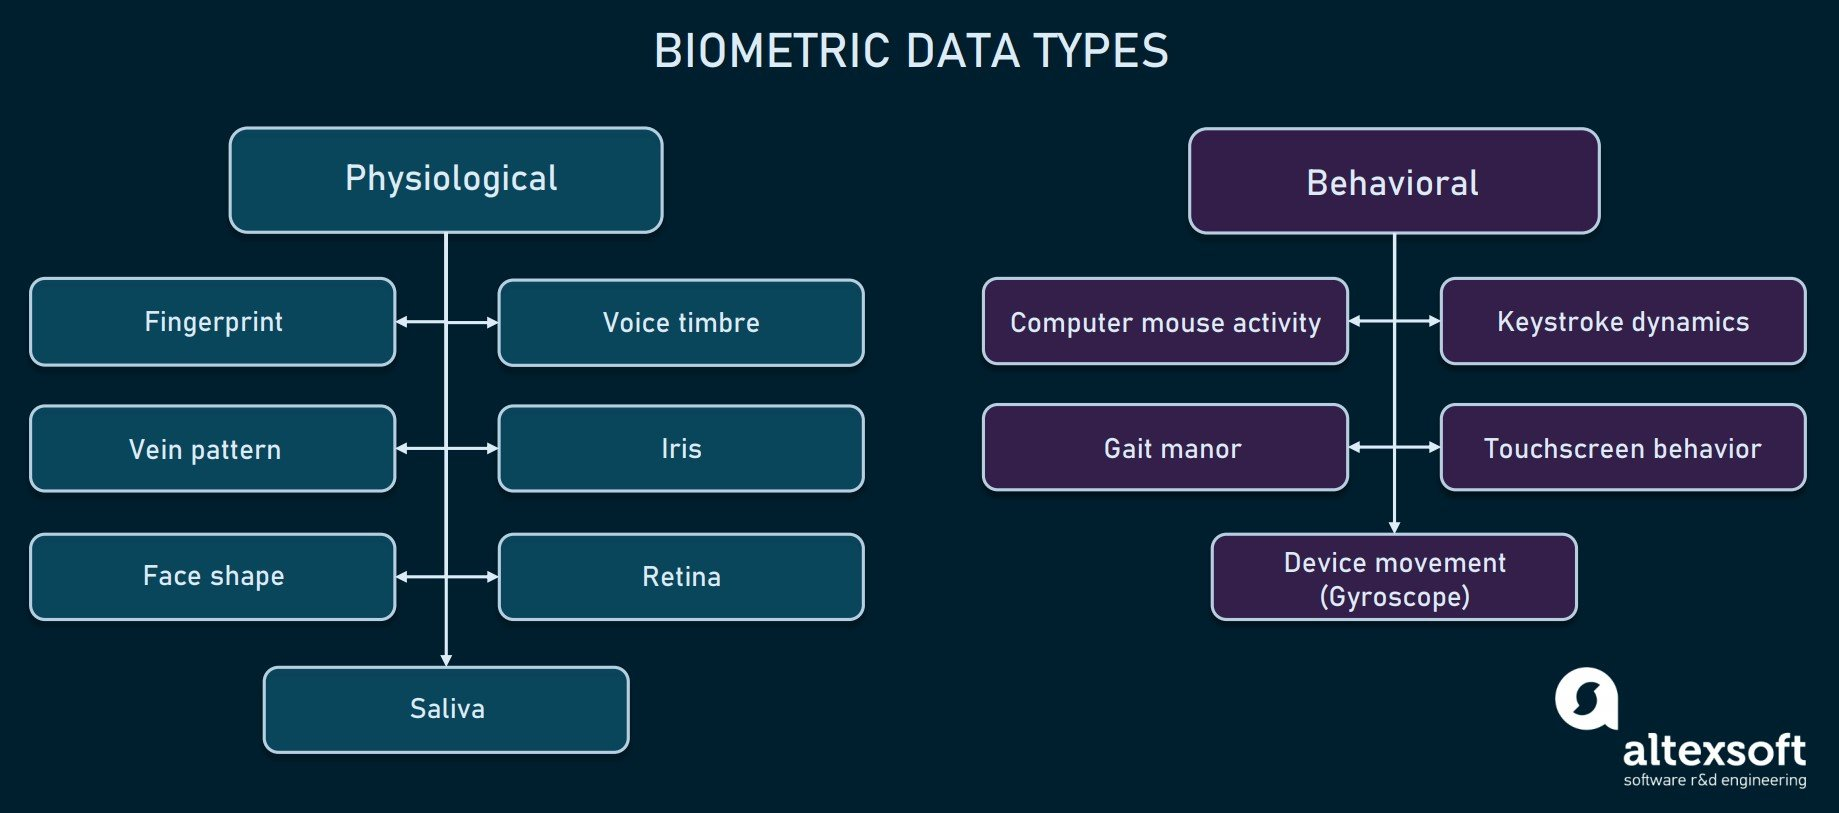 Biometric data types